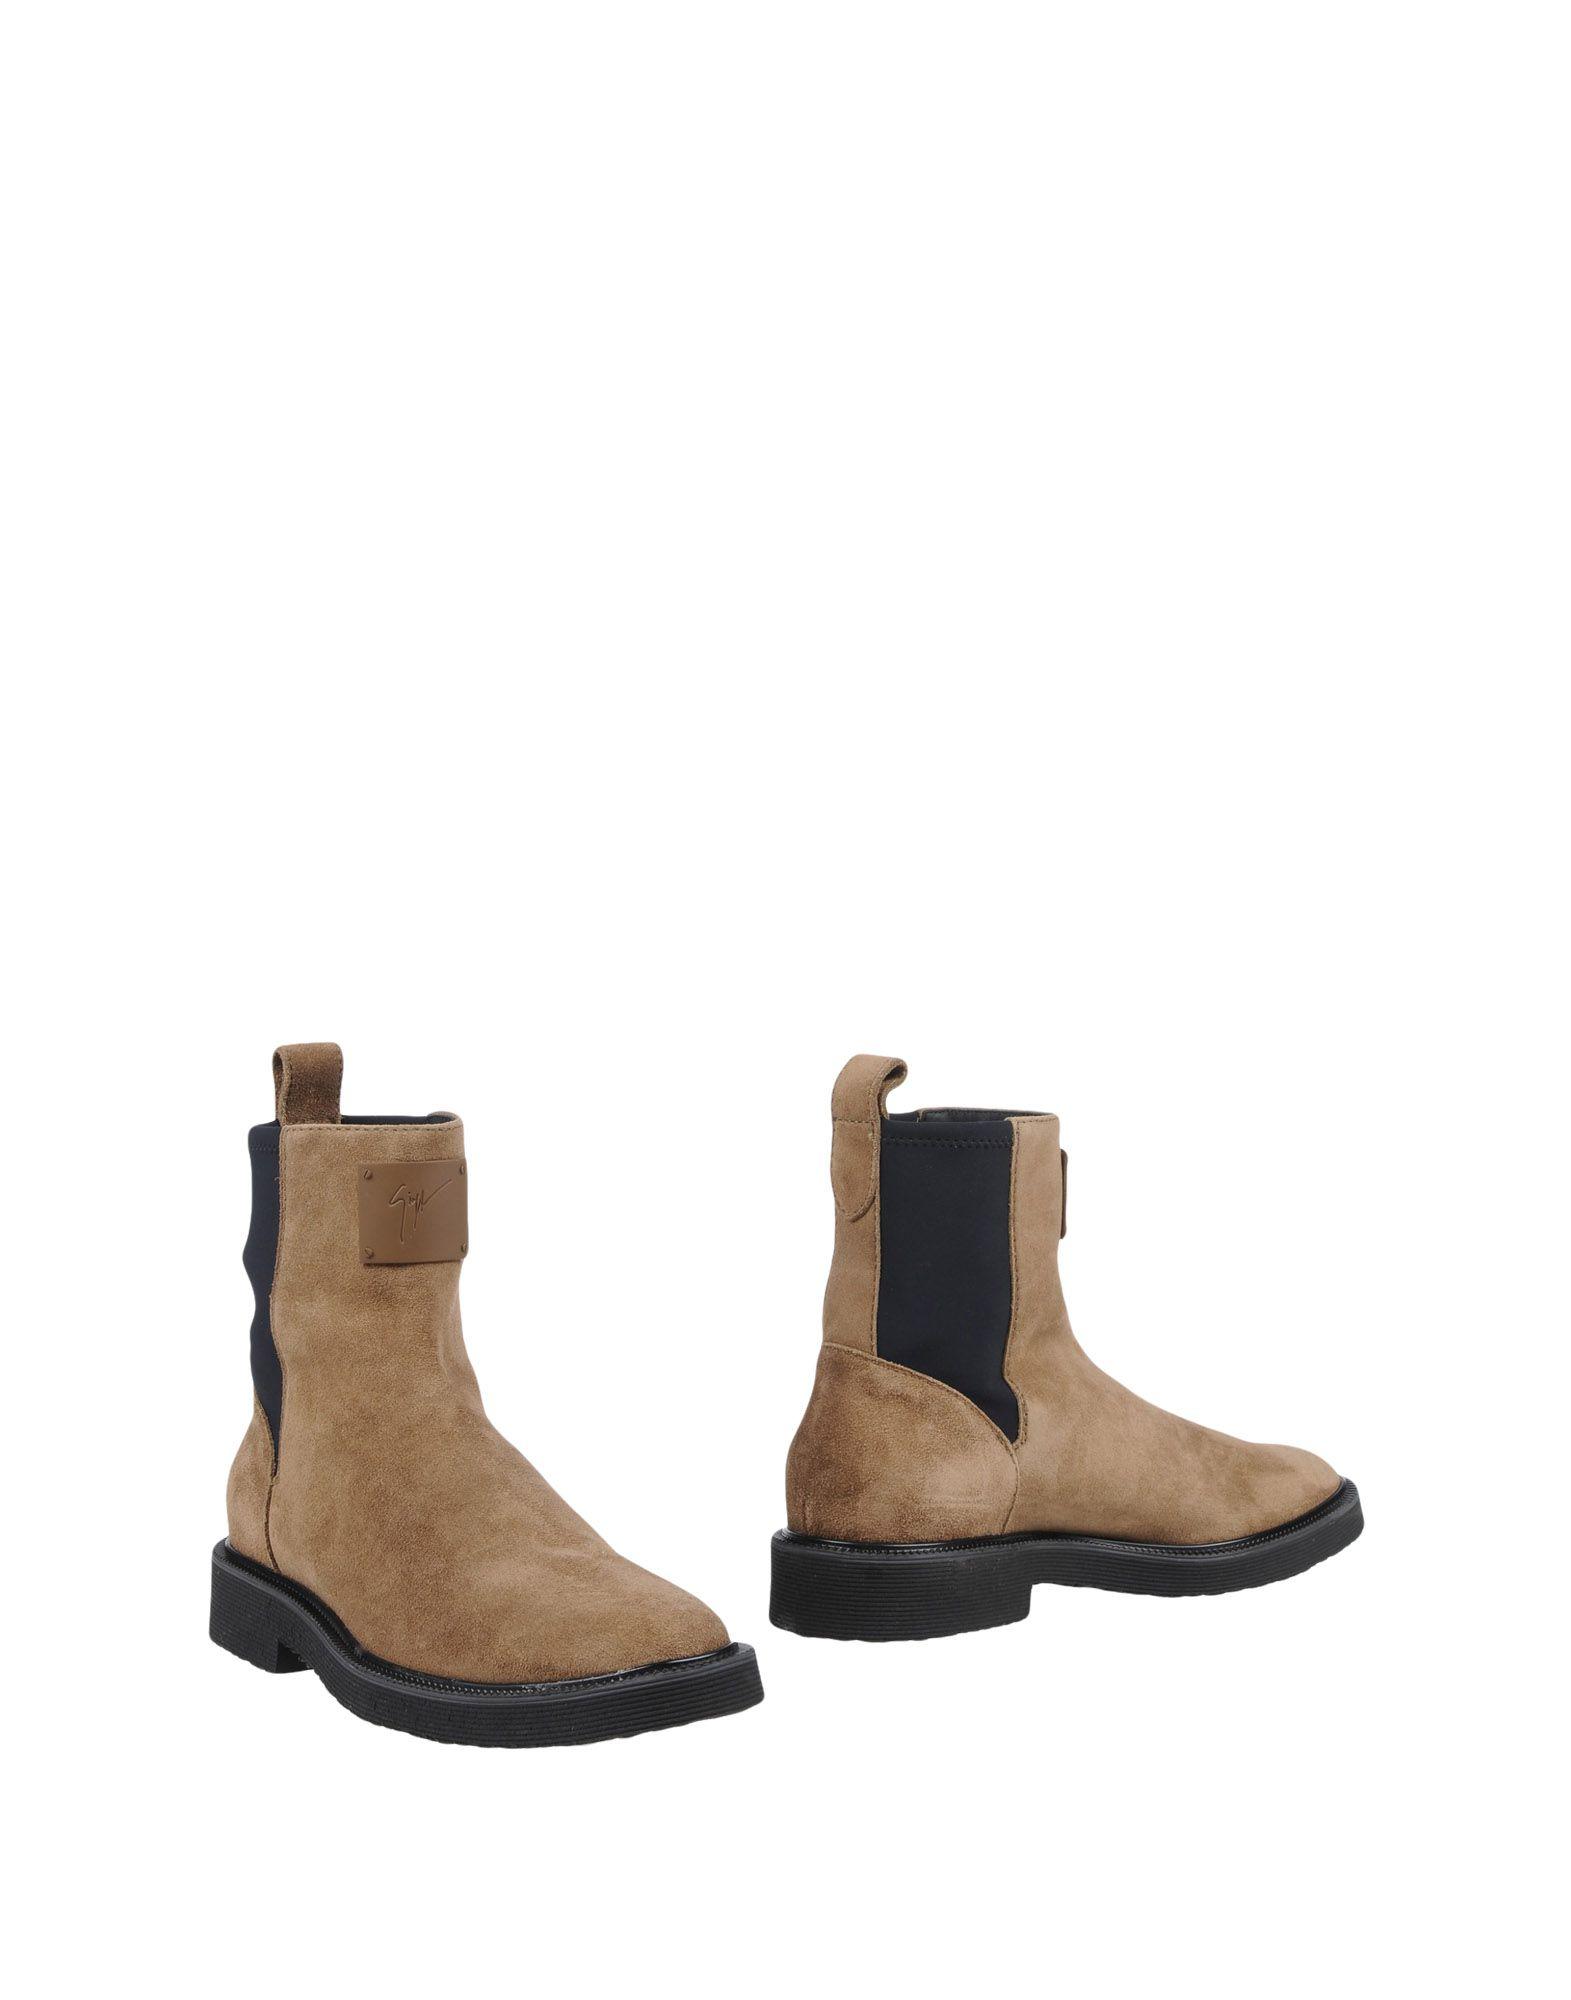 Giuseppe Zanotti Stiefelette Herren  11447097FU Gute Qualität beliebte Schuhe